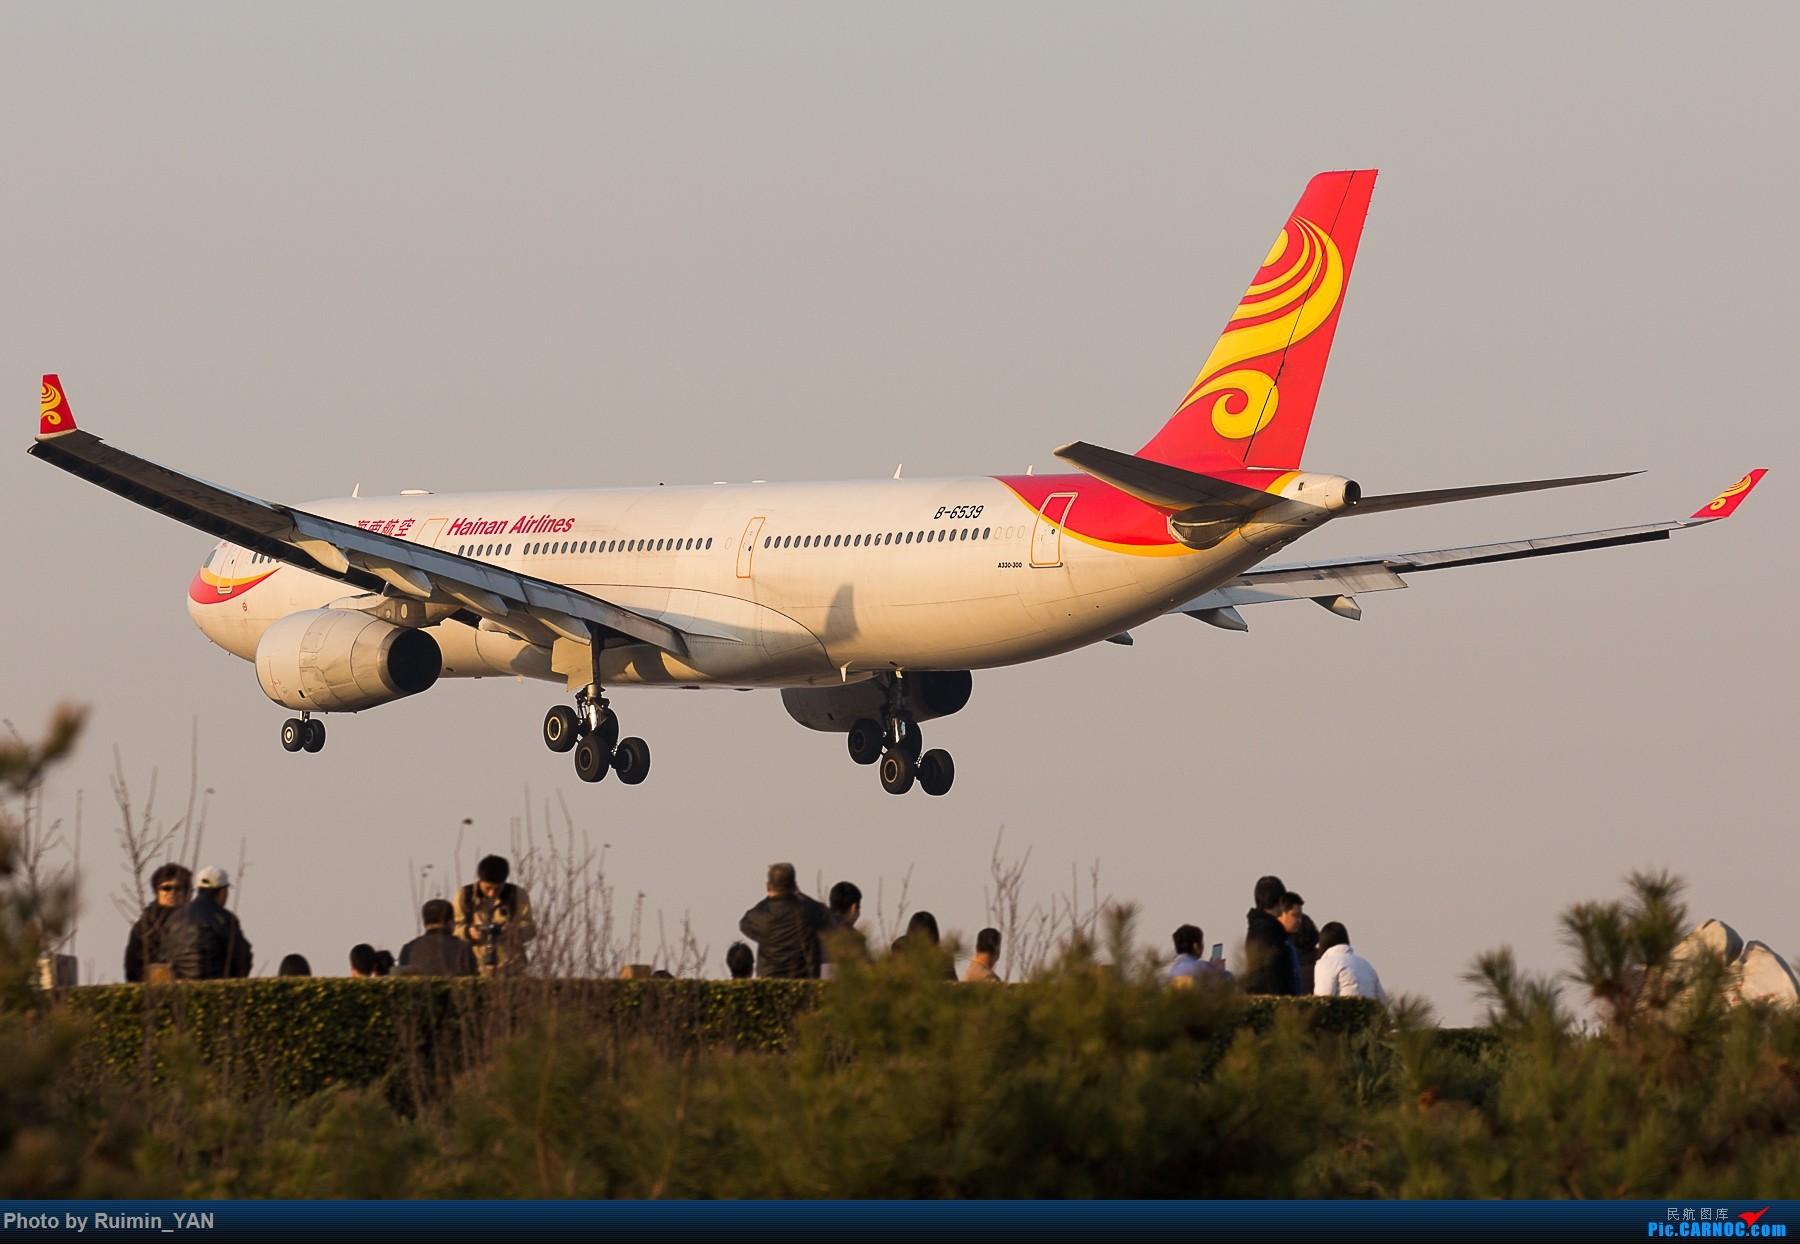 [原创]【PEK飞友会】八卦台上的拍飞机的人们被强势剃头 AIRBUS A330-300 B-6539 中国北京首都国际机场